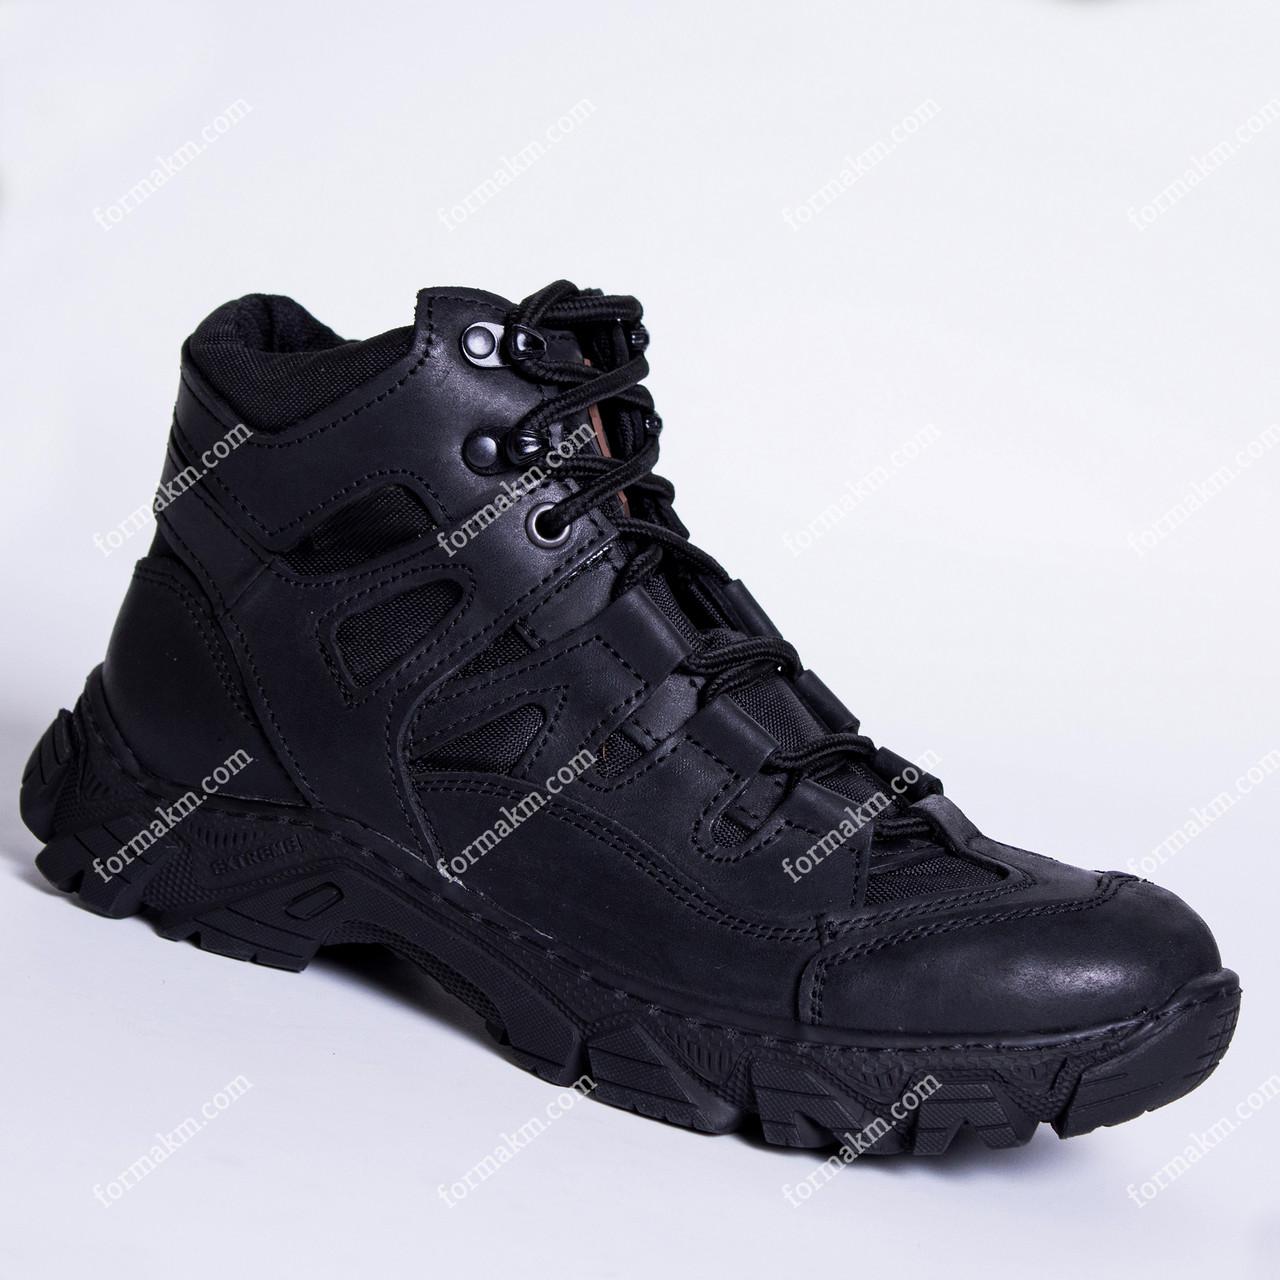 Тактические Ботинки, Полуботинки Зимние Assault Evo.2 Black